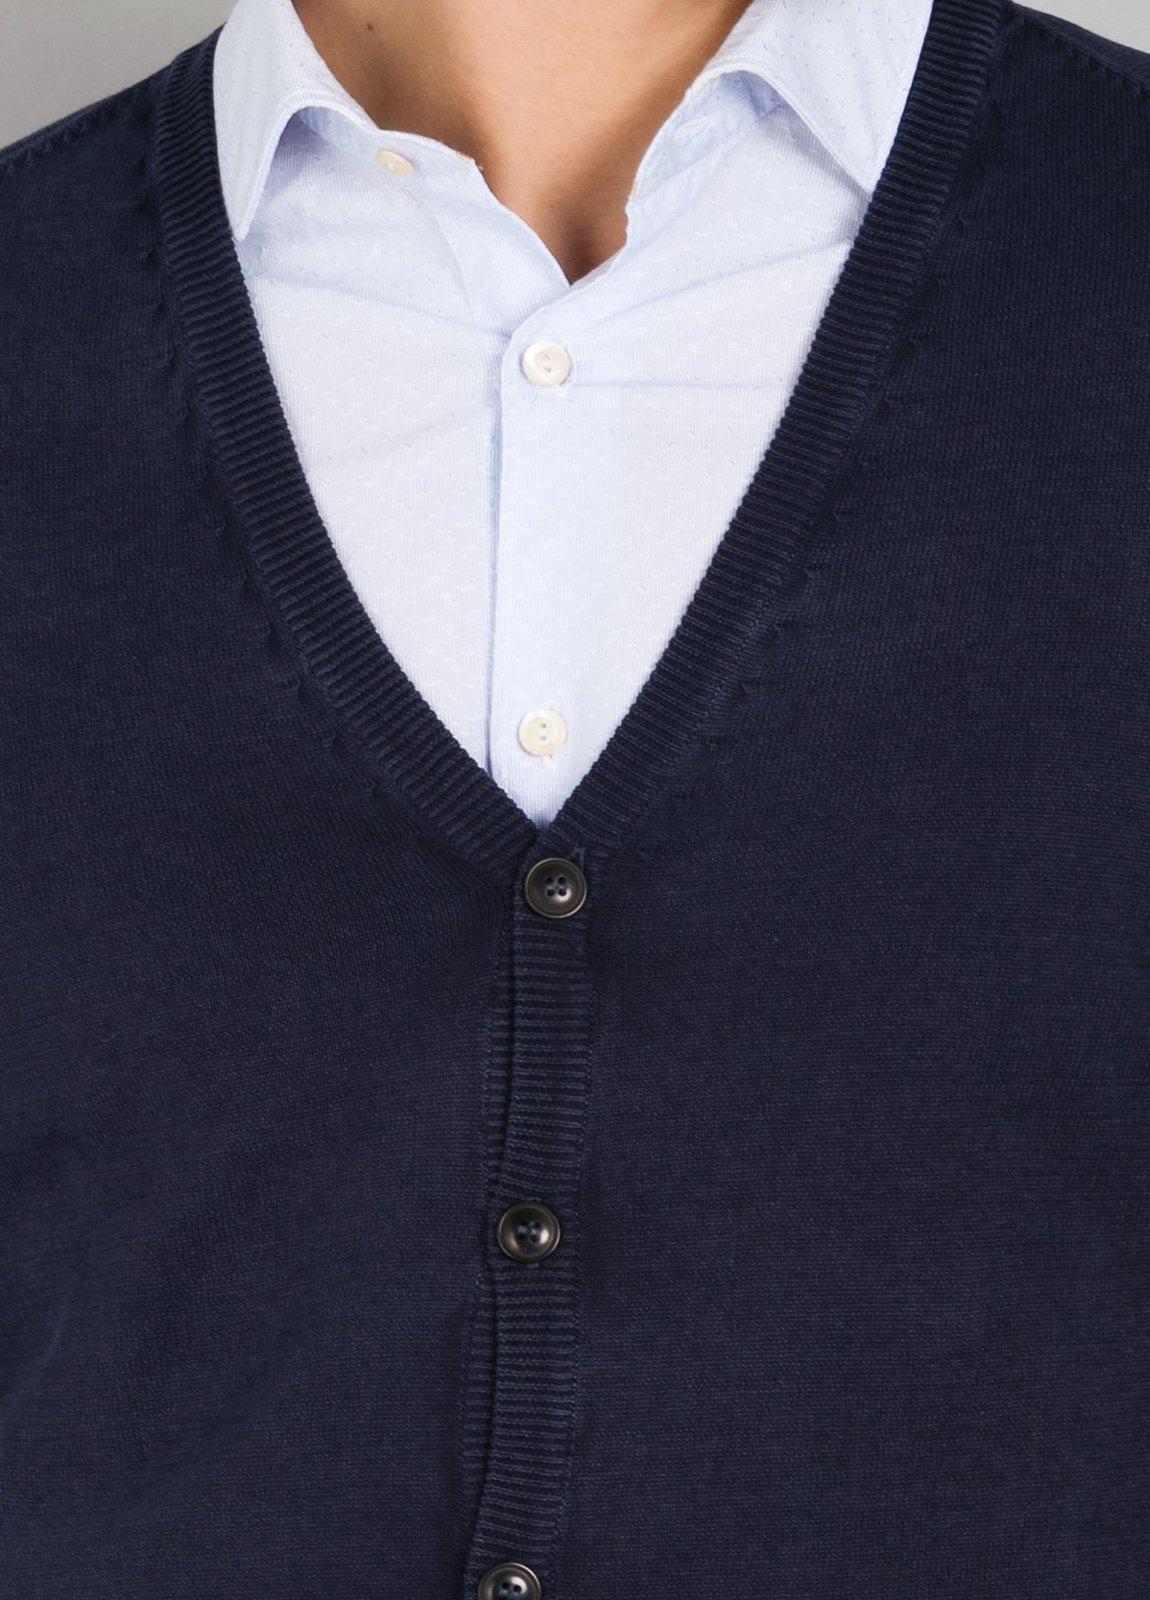 Cardigan con botones y coderas color azul marino, 100% Algodón. - Ítem3